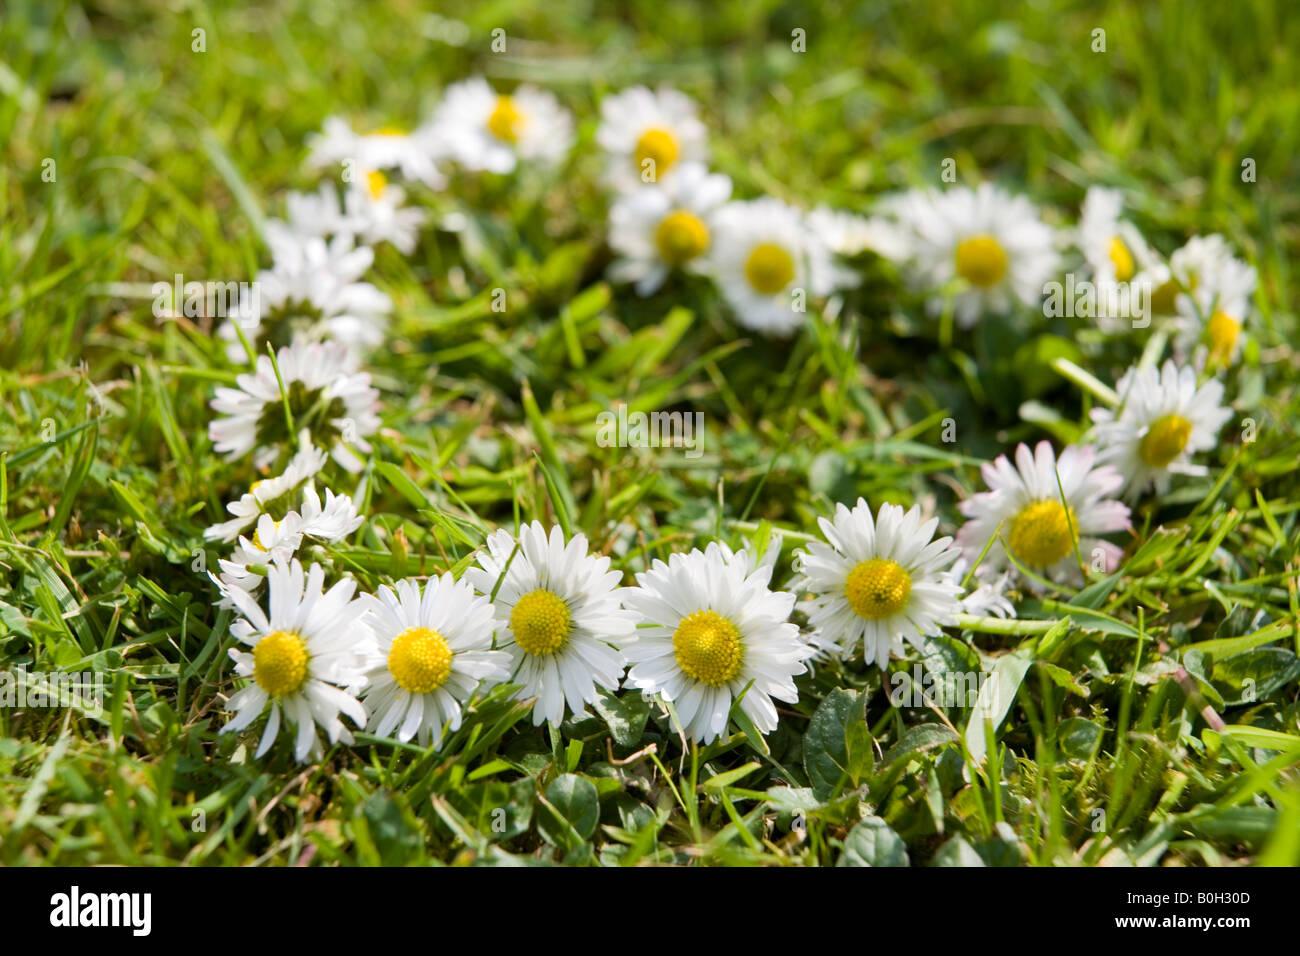 Daisy chain en la forma de un corazón en el césped Imagen De Stock